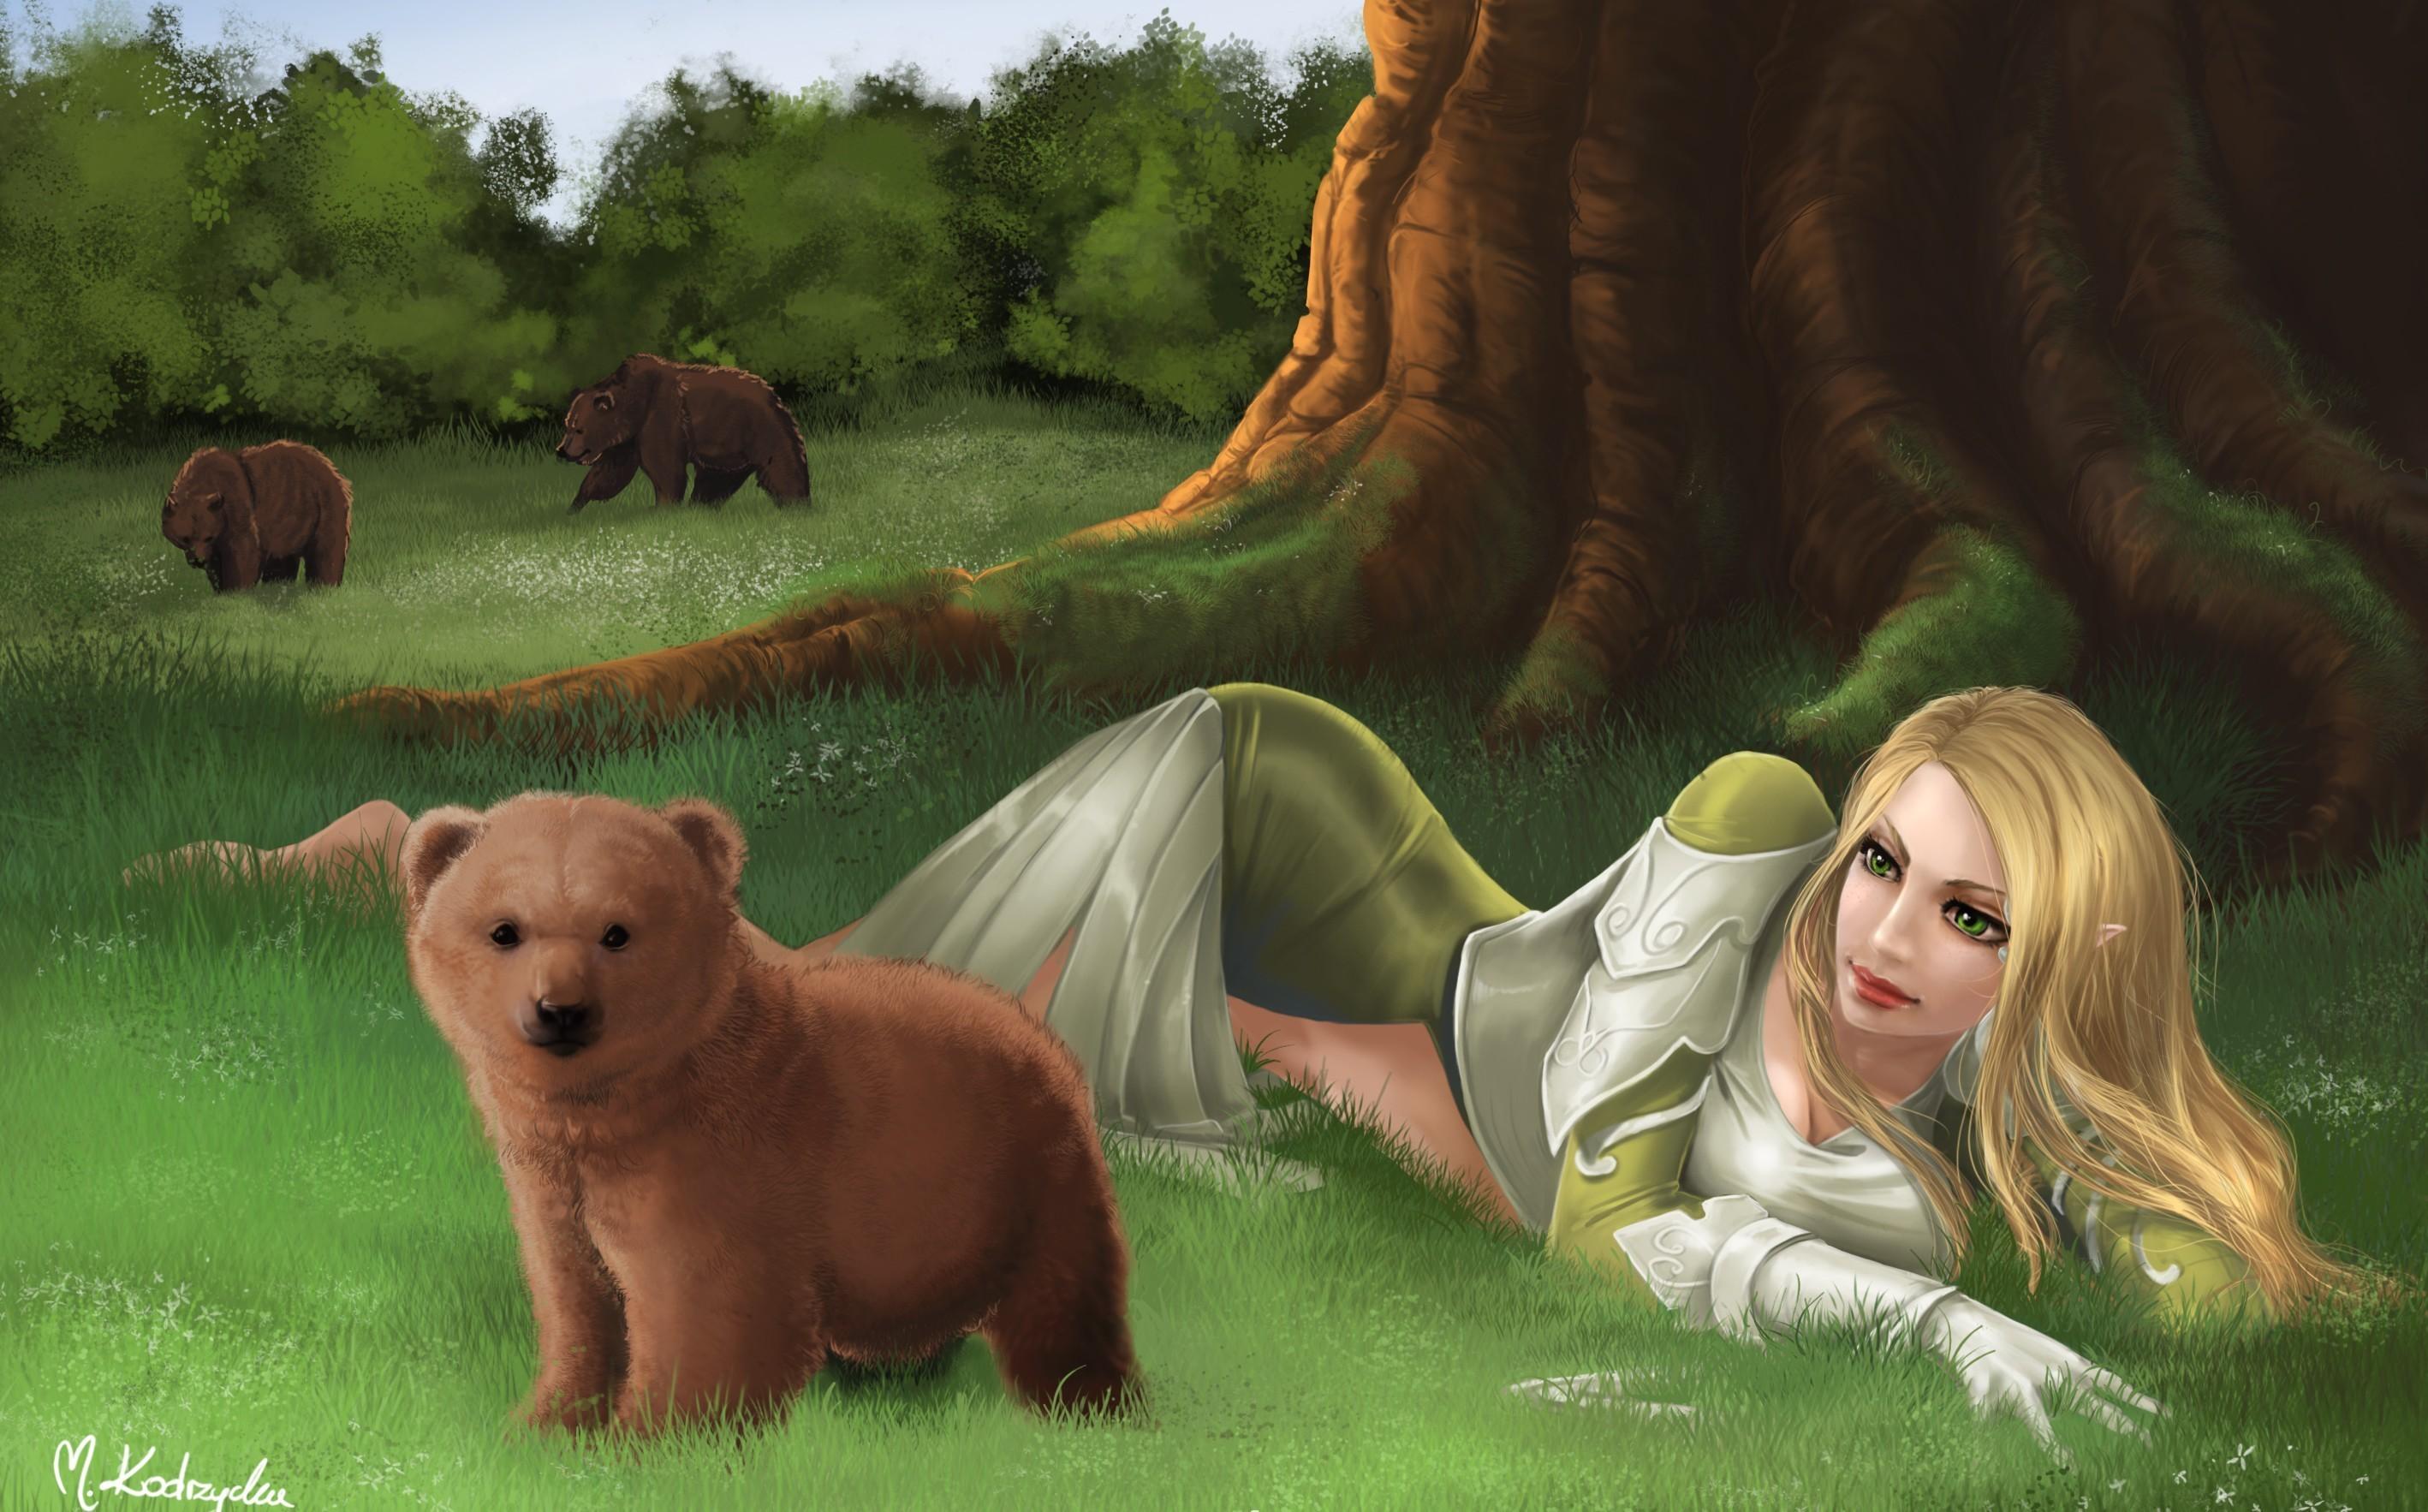 девушка эльф, скачать фото, обои на рабочий стол, медвежонок